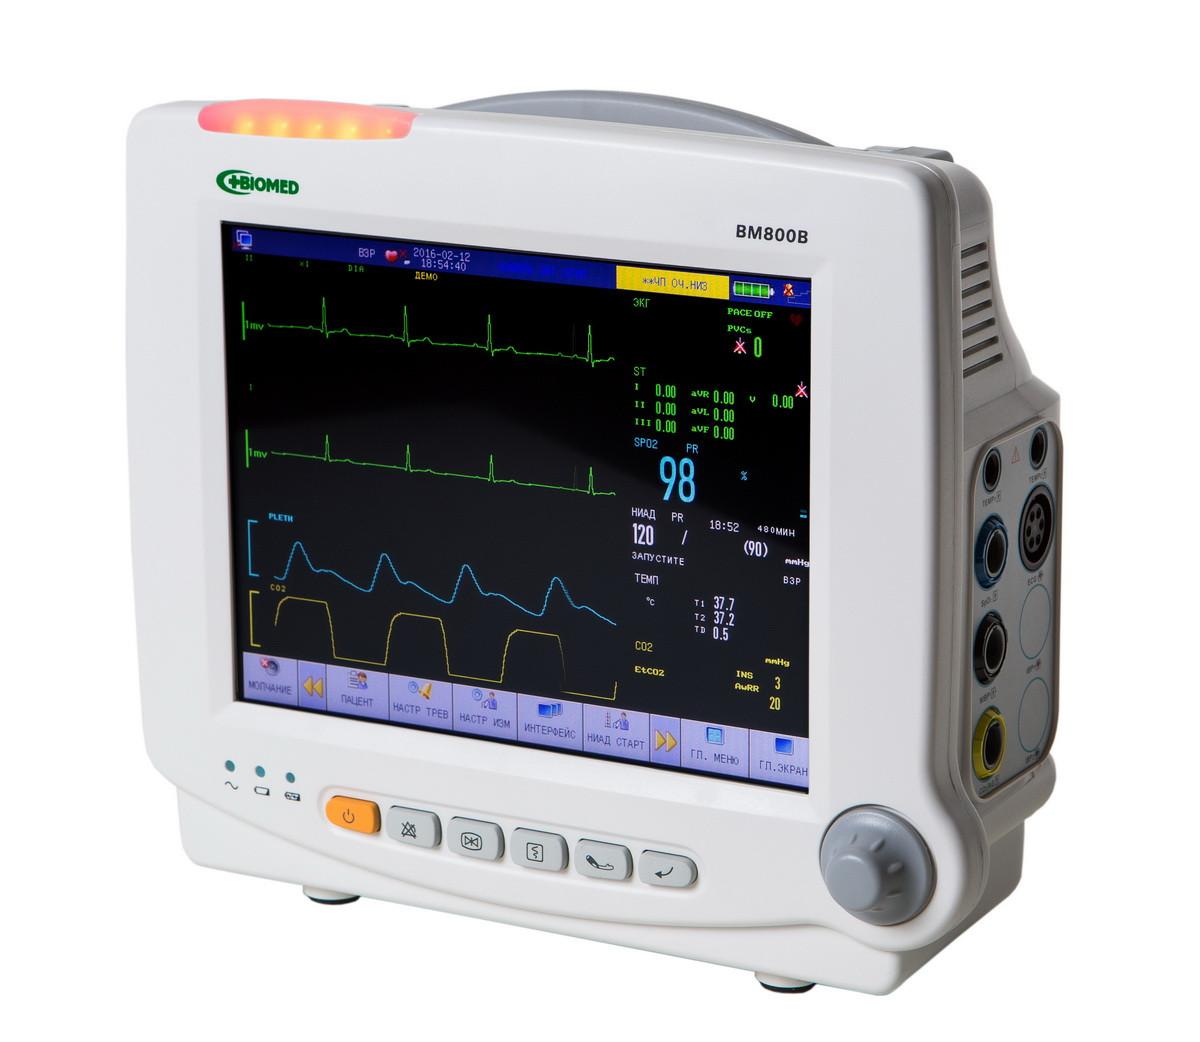 """Монитор пациента STAR8000H (""""БІОМЕД"""" ВМ800В)"""